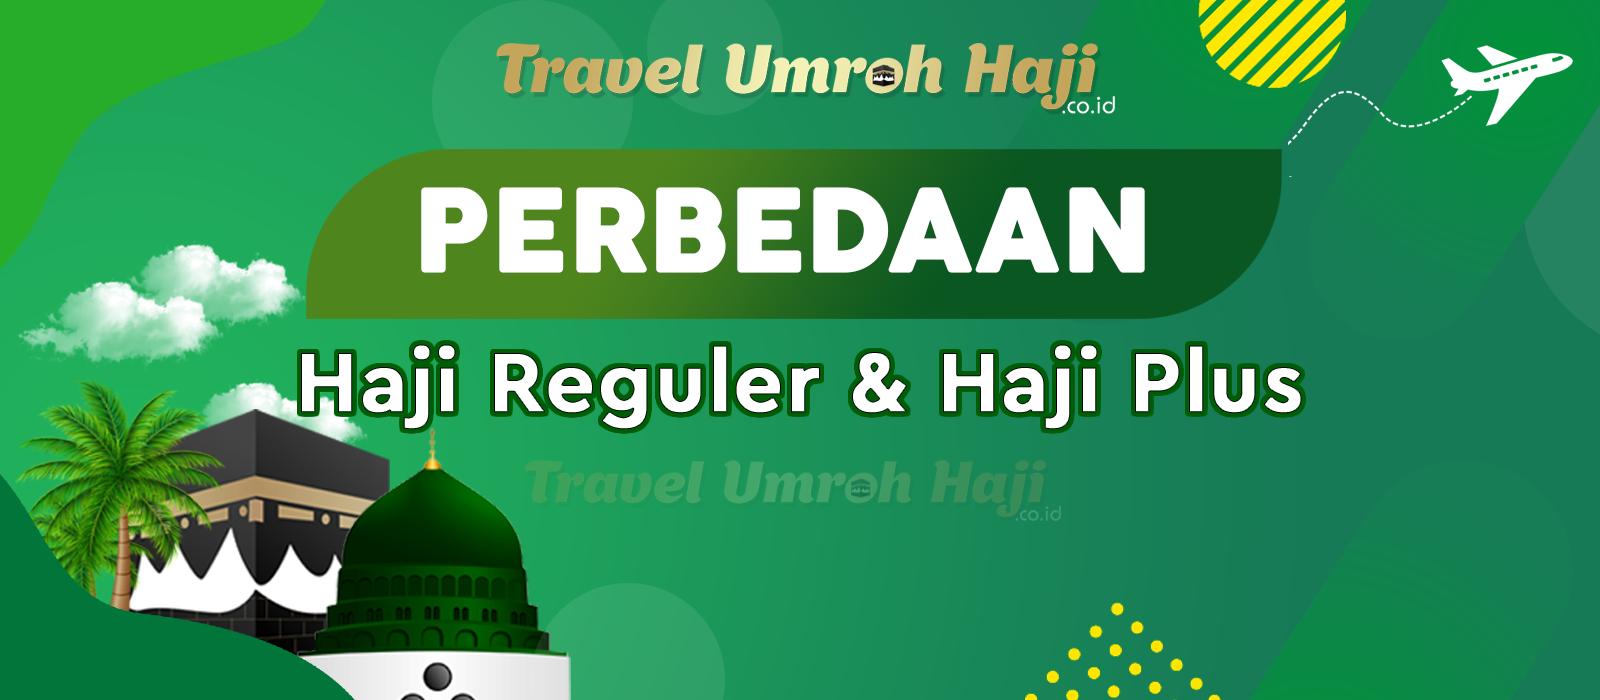 Ketahui Perbedaan Paket Haji Reguler dan Haji Plus